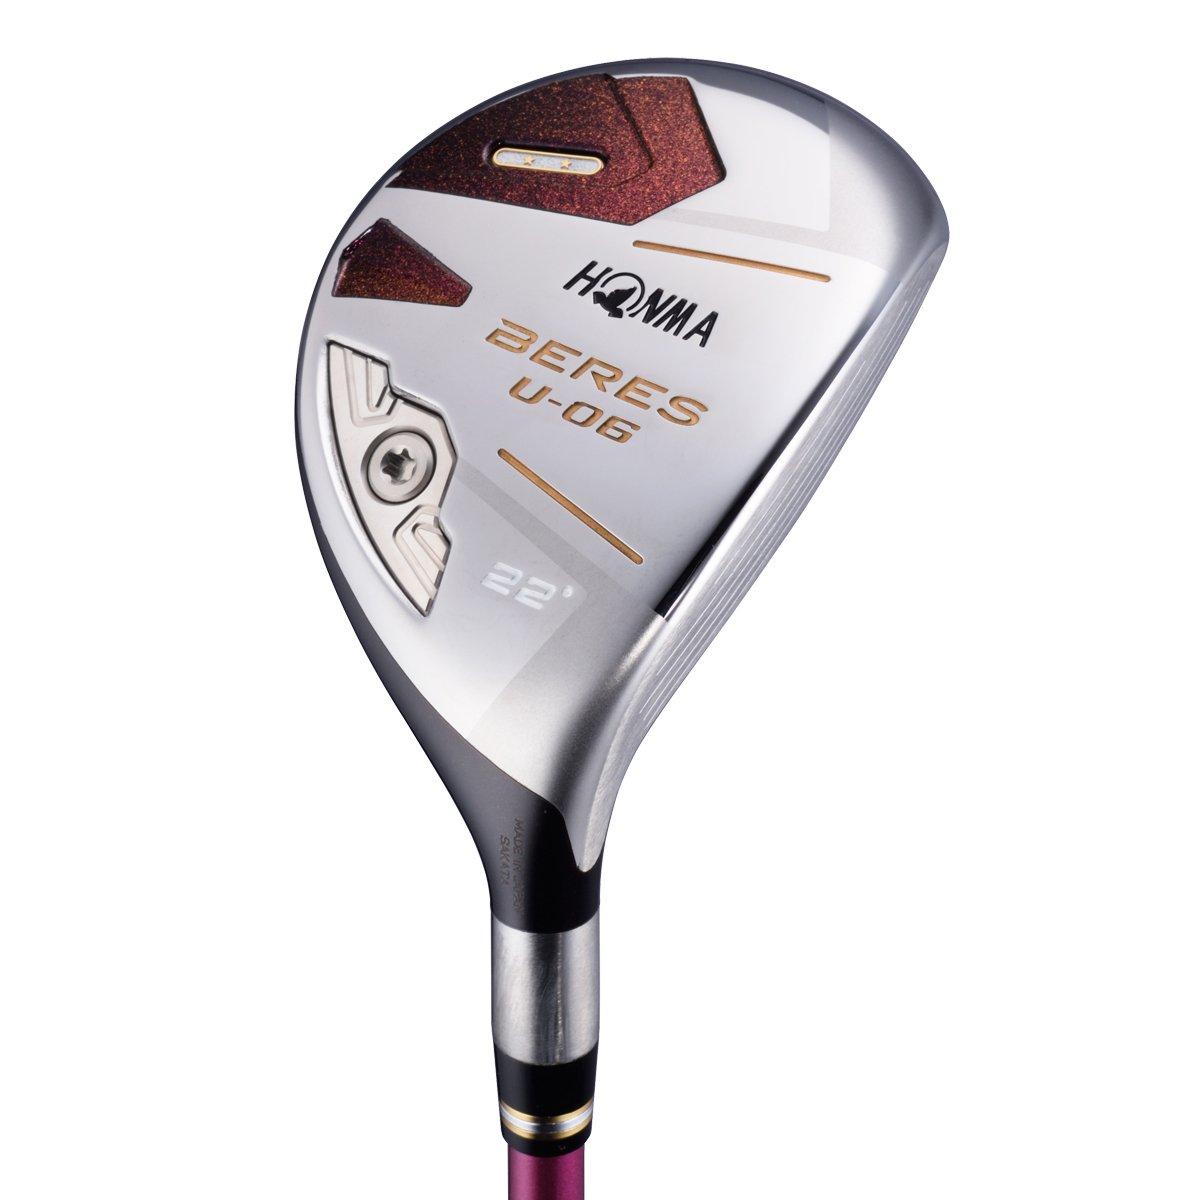 本間ゴルフ ユーティリティ BERES べレス U-06 レディース ユーティリティ ARMRQ X 38 2S シャフト カーボン レディース U06LU2S28 右  ロフト角:28度 U28 フレックス:L B079VKHBBN